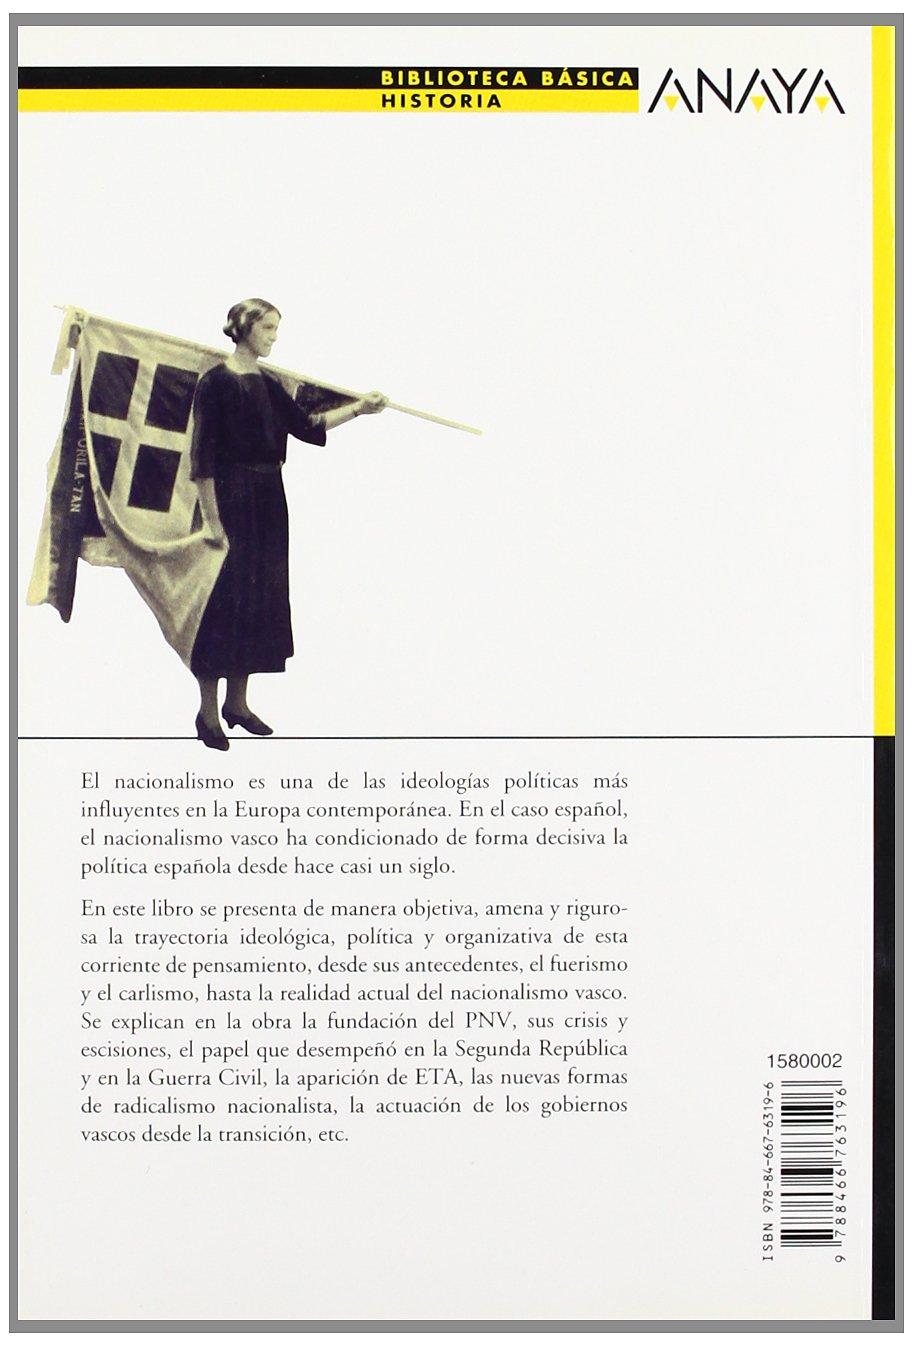 El nacionalismo vasco: Claves de su historia Bibl. Basica De La ...